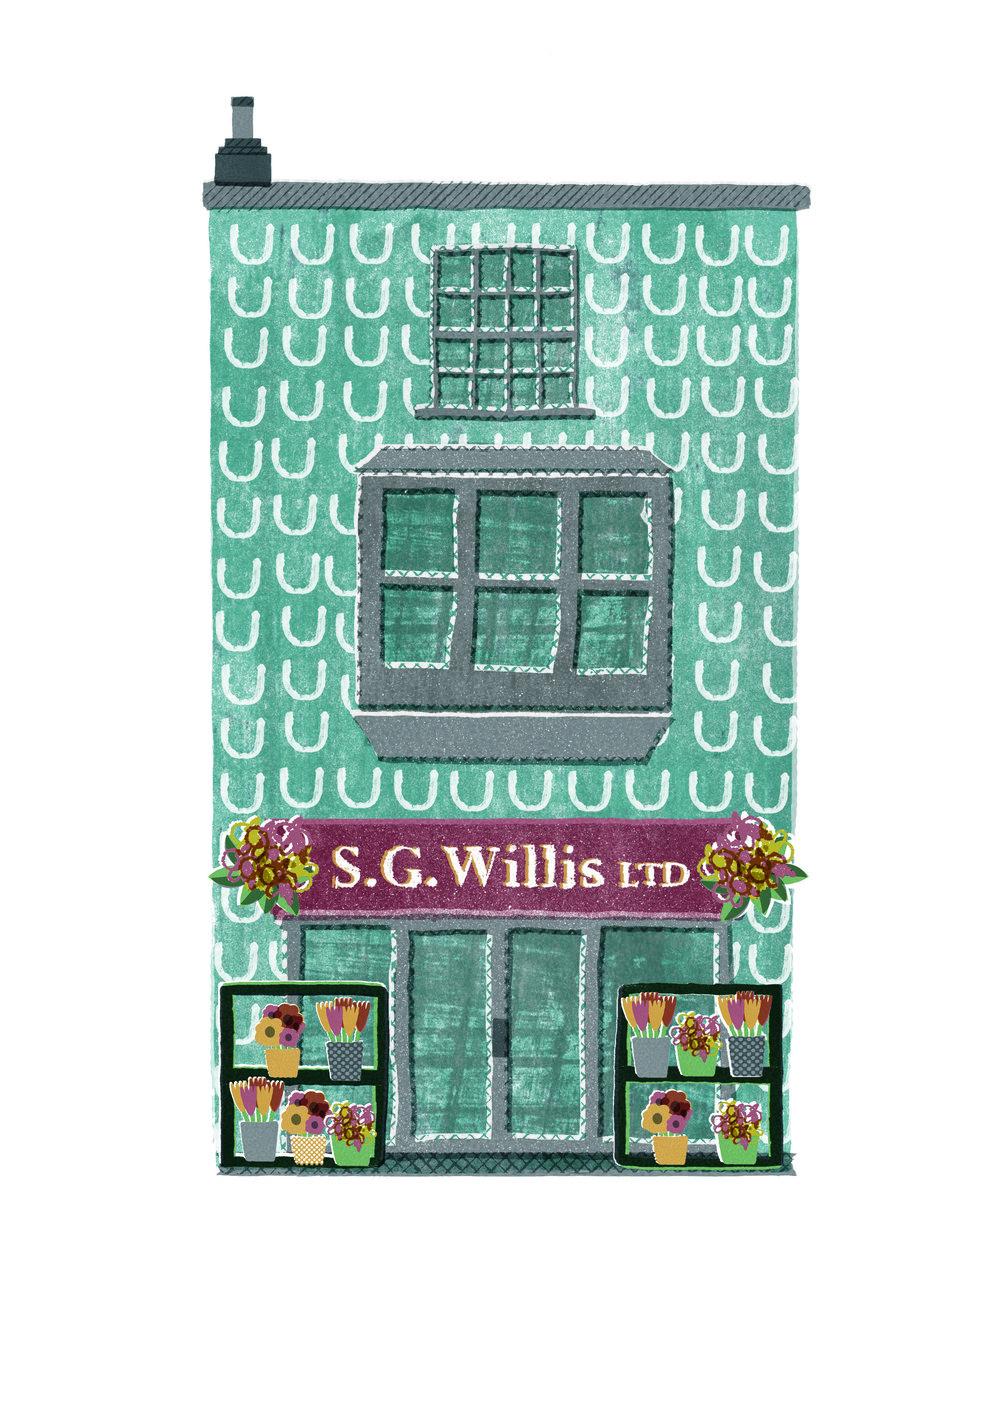 S.G.Willis LTD.jpg